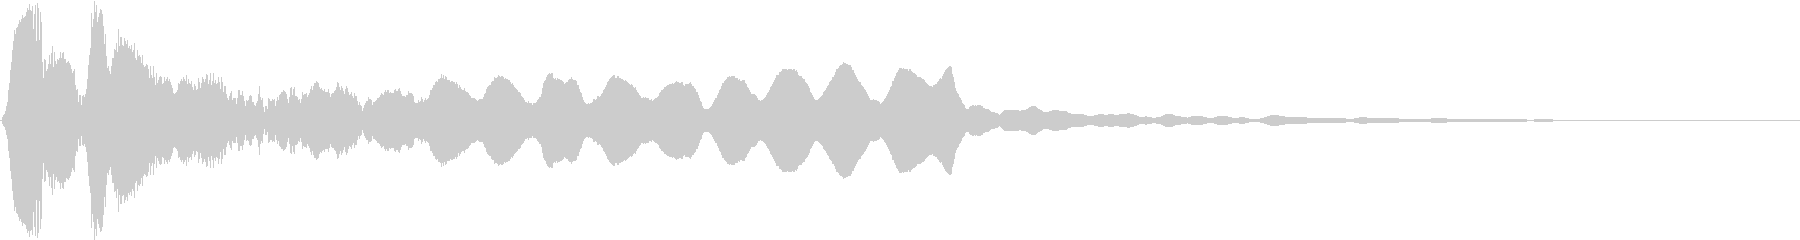 尺八のメロディ系 和風サウンドロゴの未再生の波形